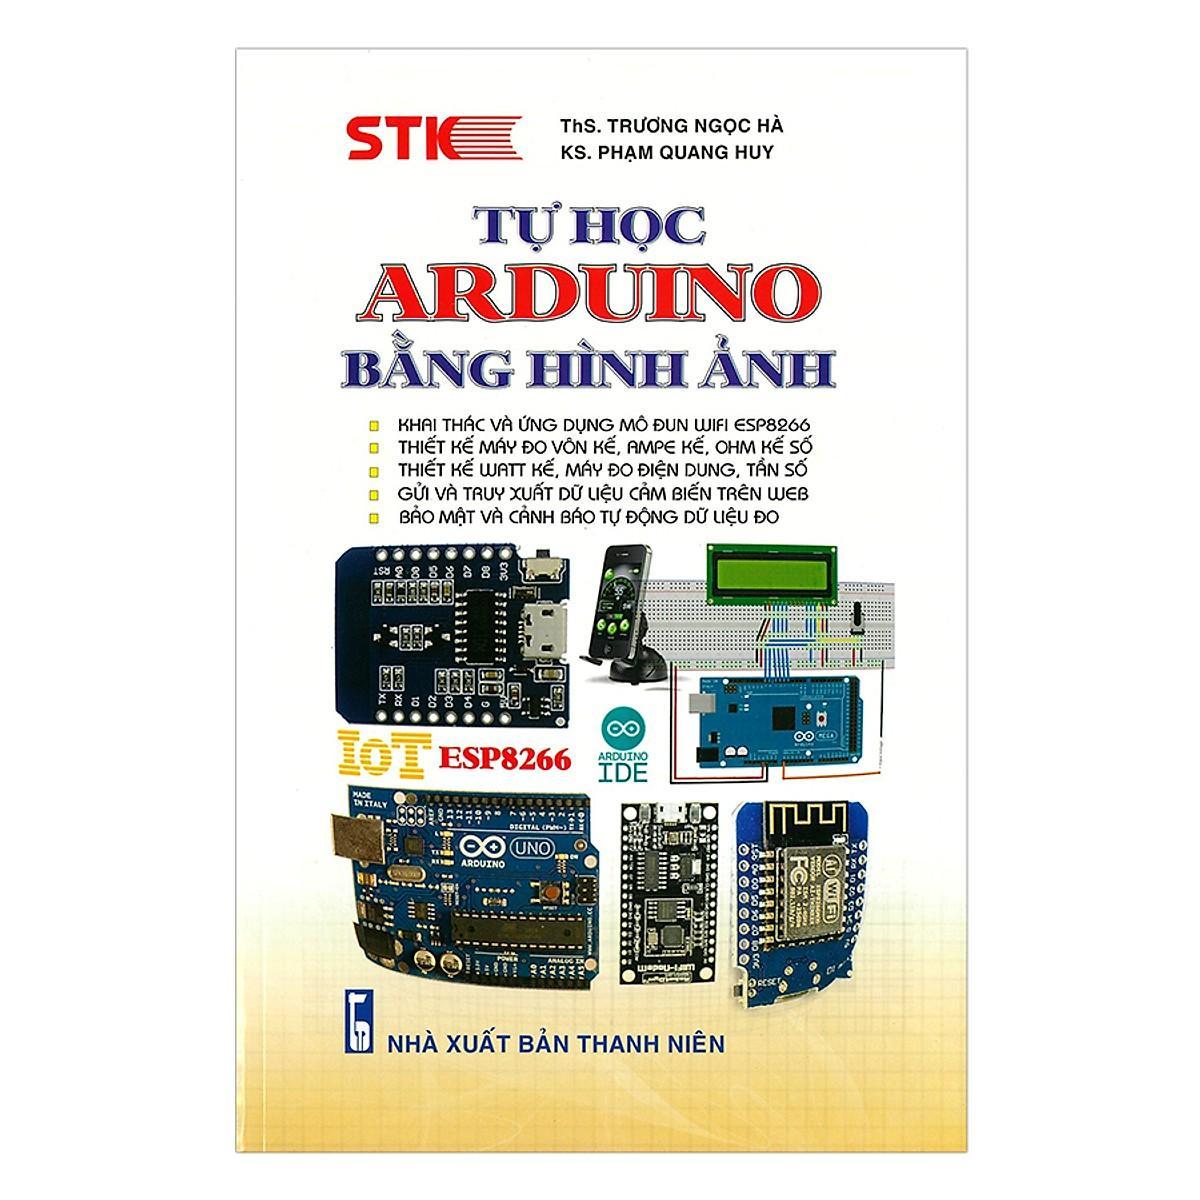 Mua Tự Học Arduino Bằng Hình Ảnh